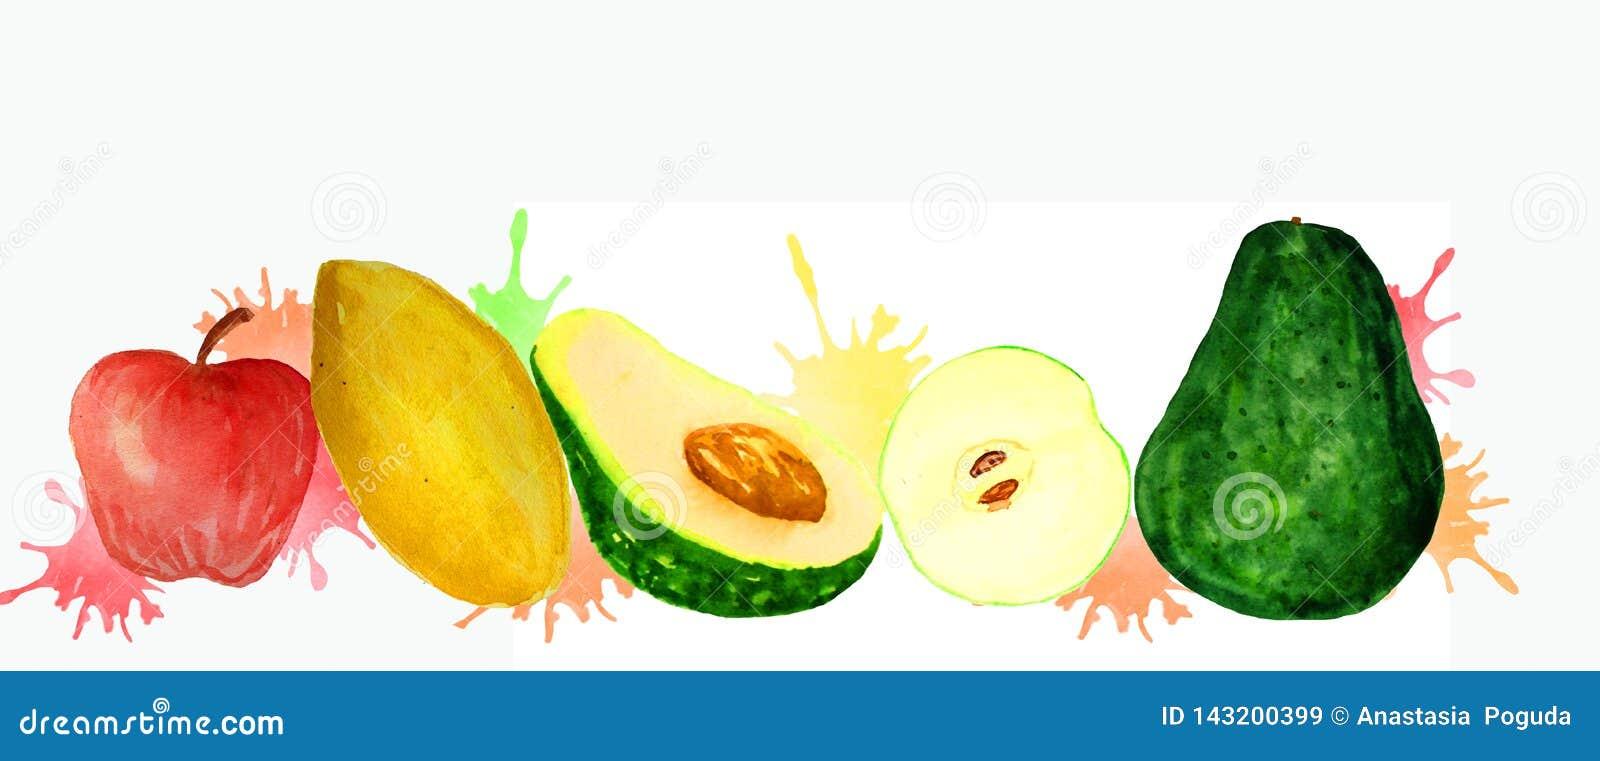 Frische Frucht auf einem weißen Hintergrund